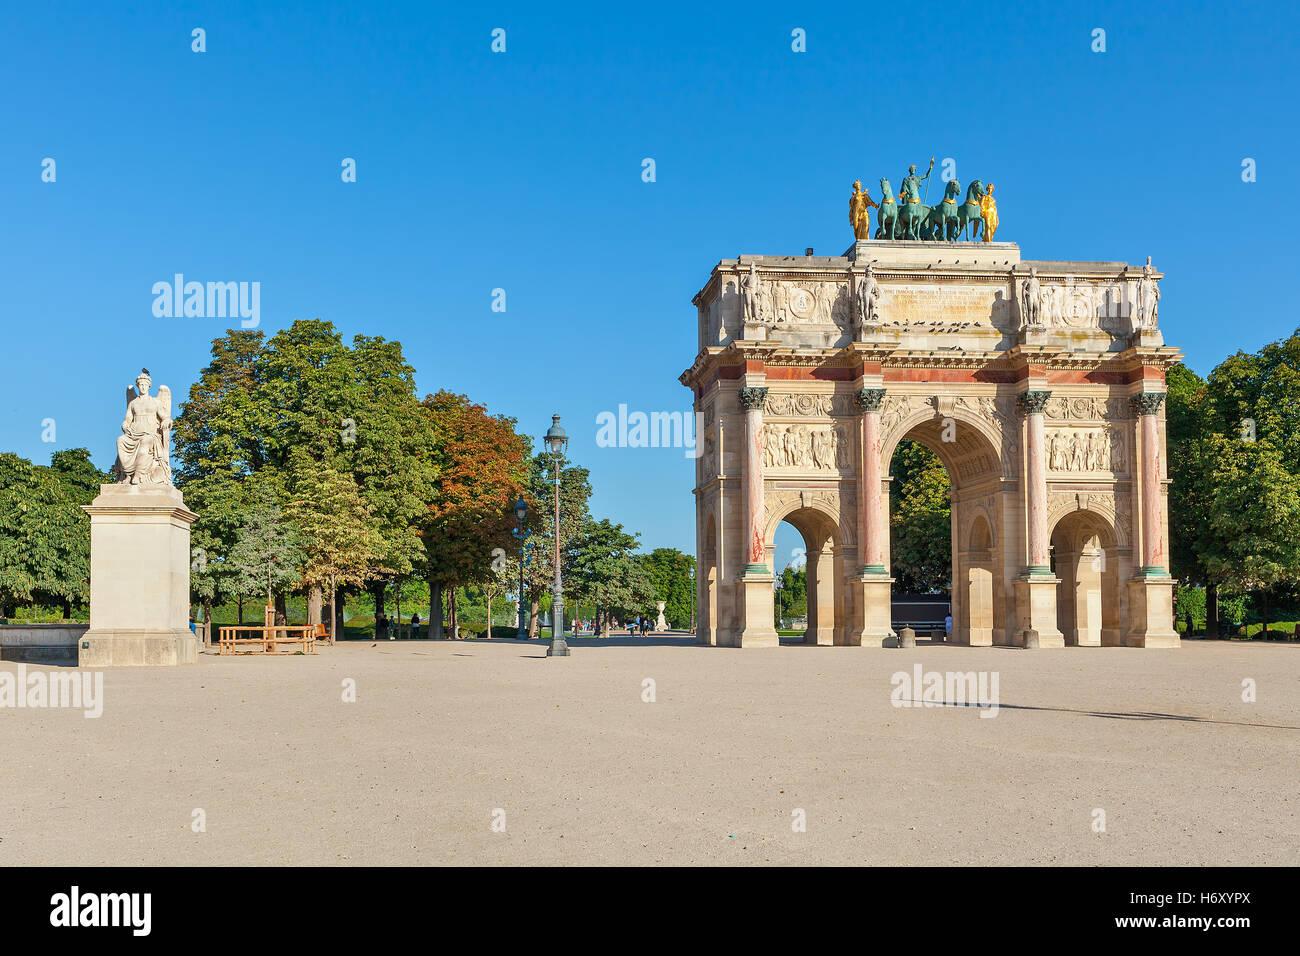 Arc de Triomphe du Carrousel in Paris, France. - Stock Image